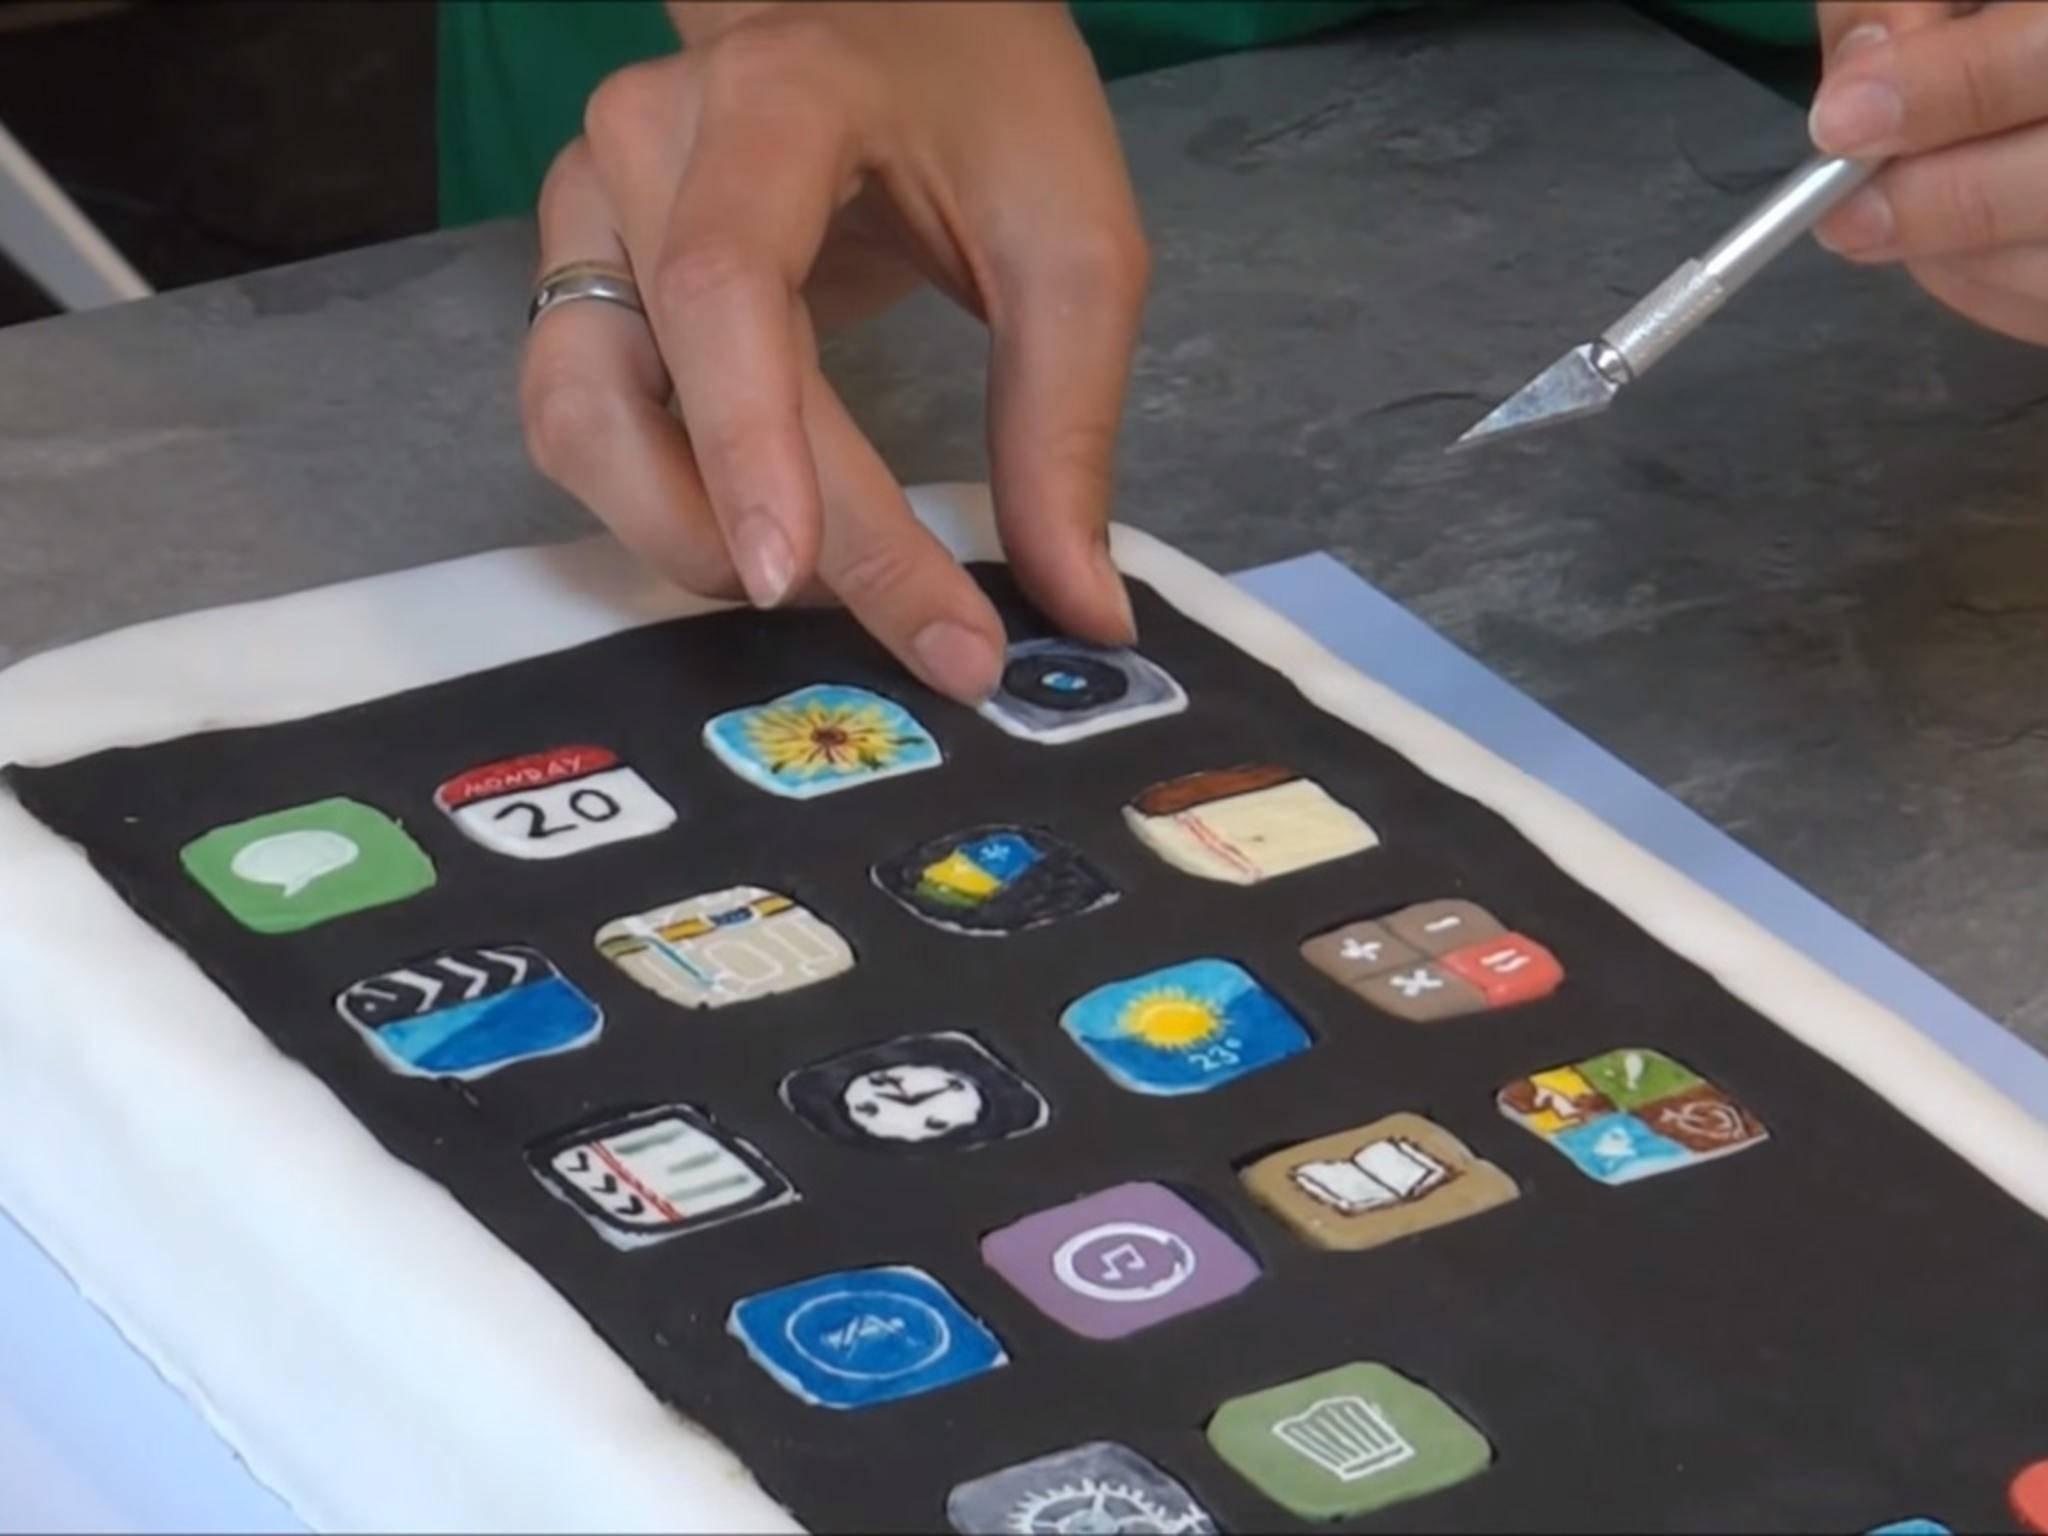 Wer ein iPhone gebacken bekommen will, muss viel Handarbeit mit 3D-Touch einsetzen.